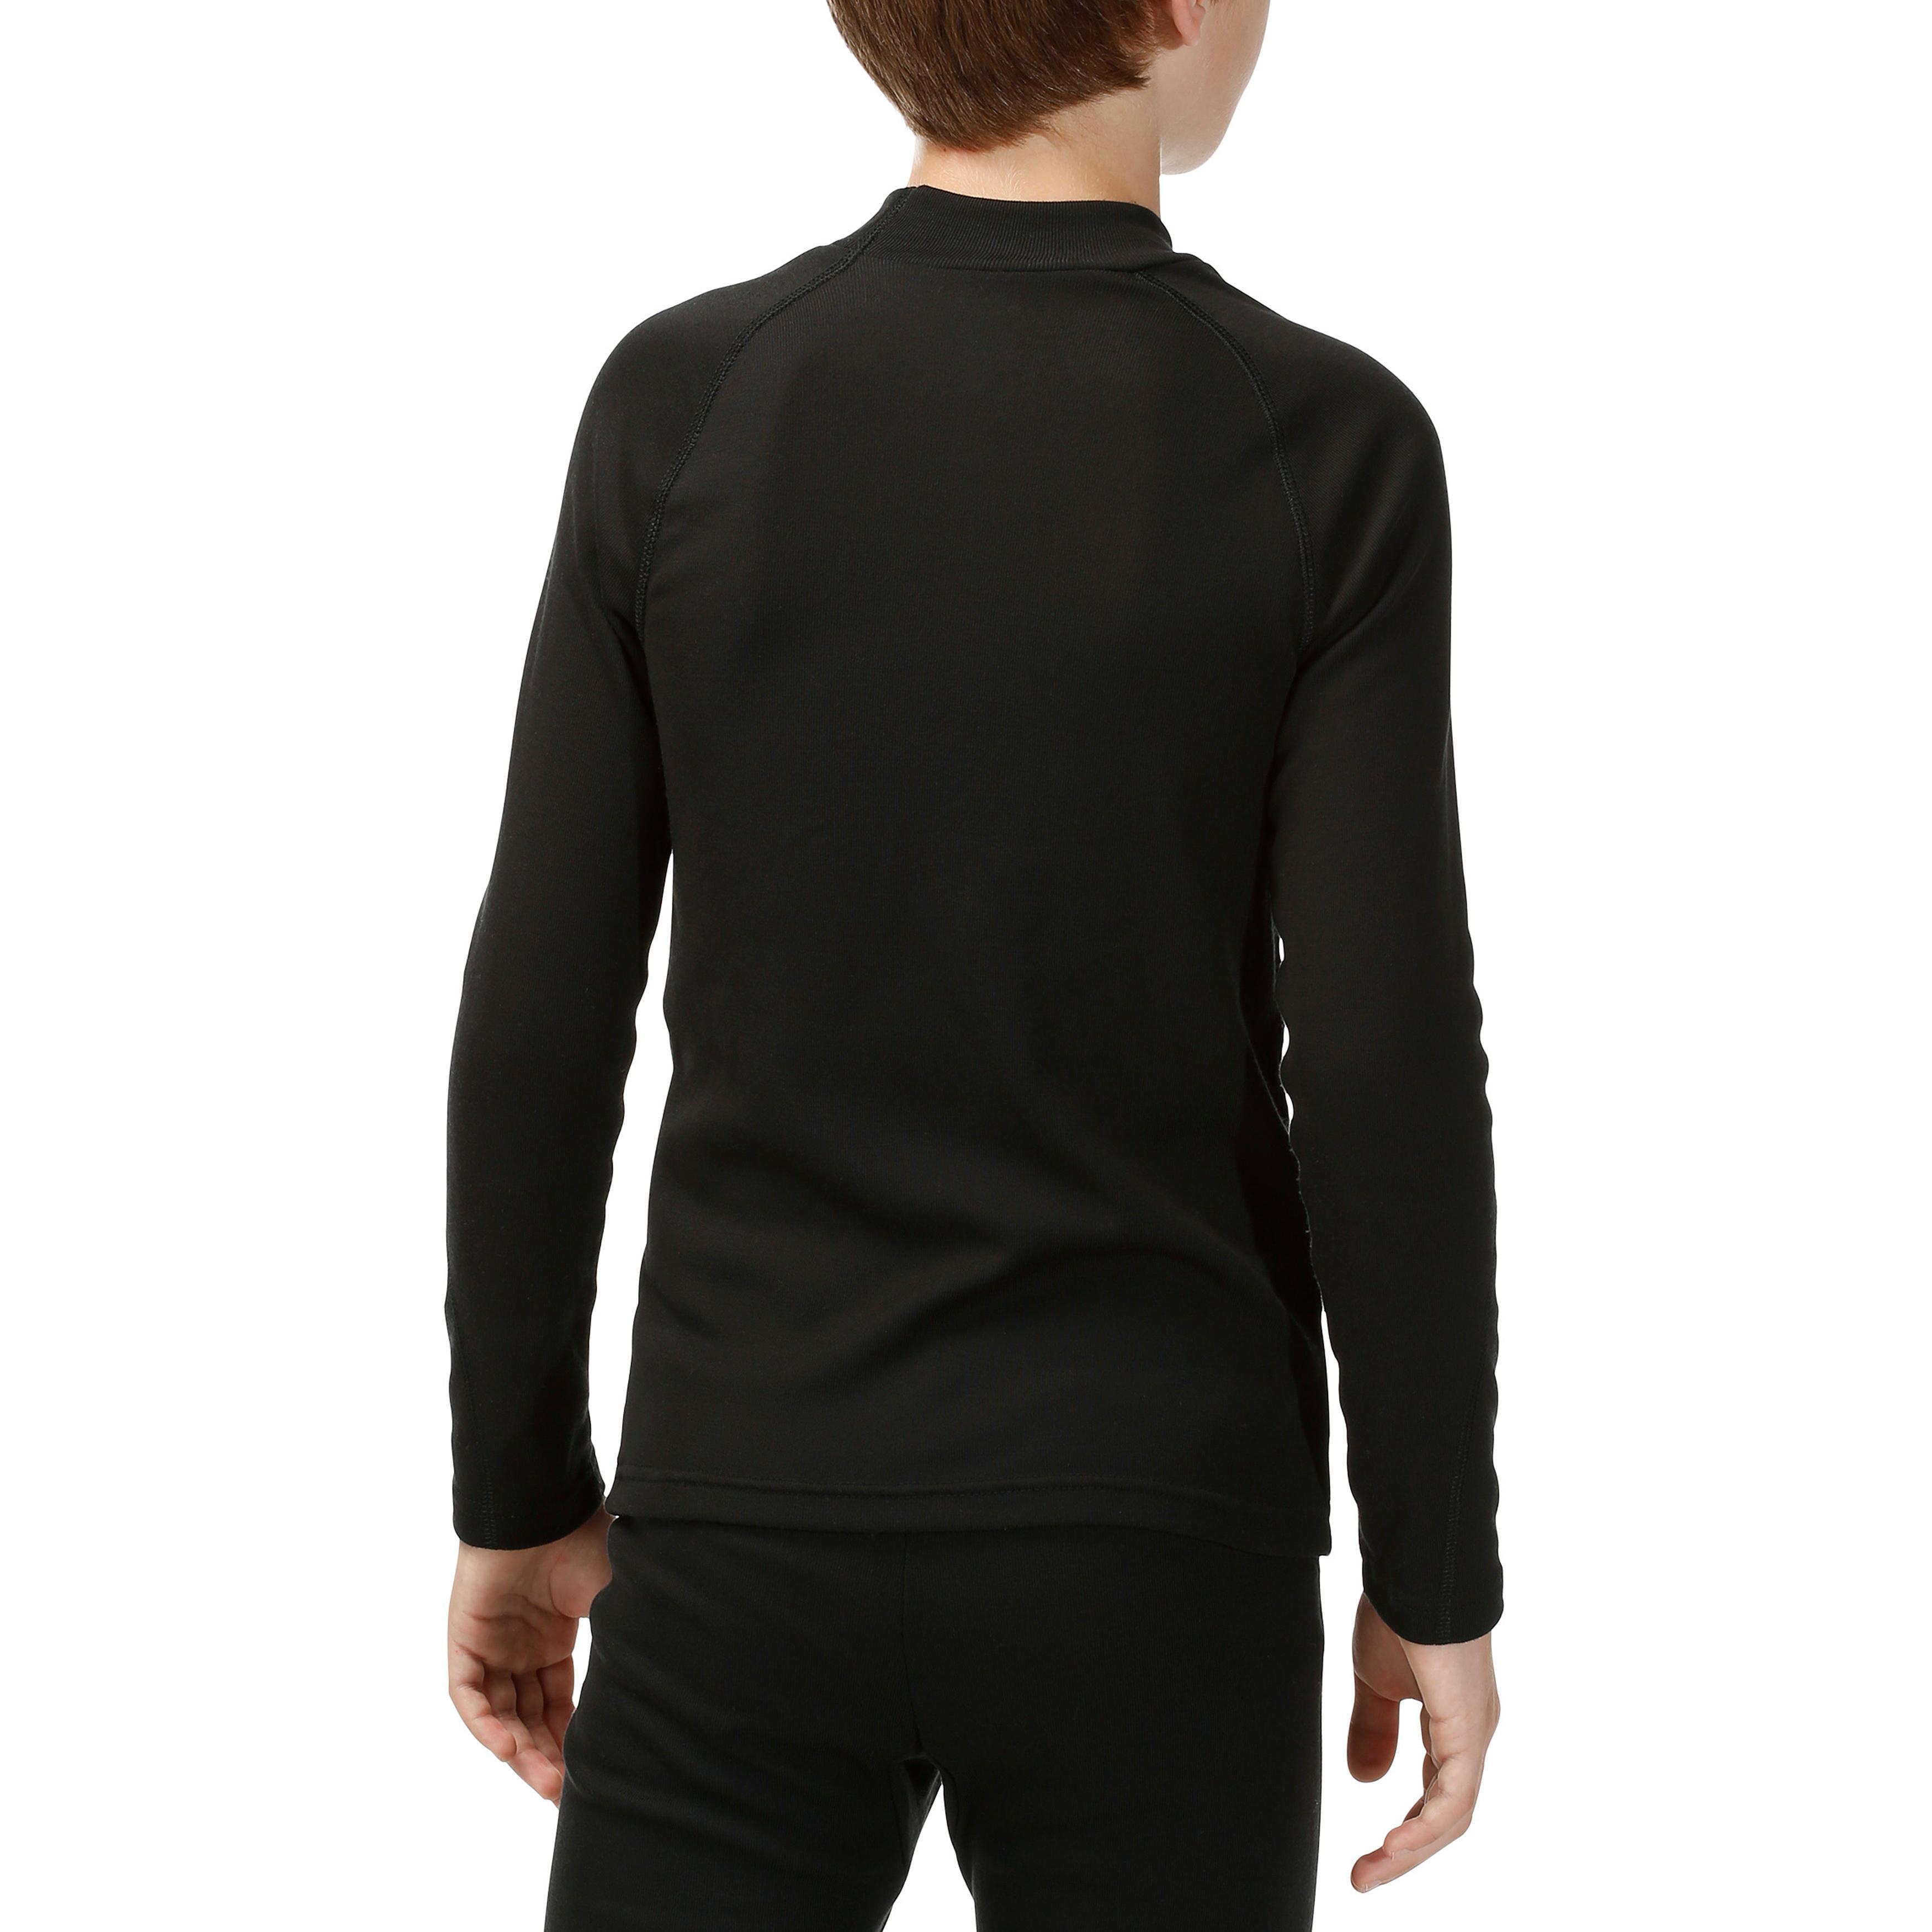 100 Children's Ski Underwear Top - Black